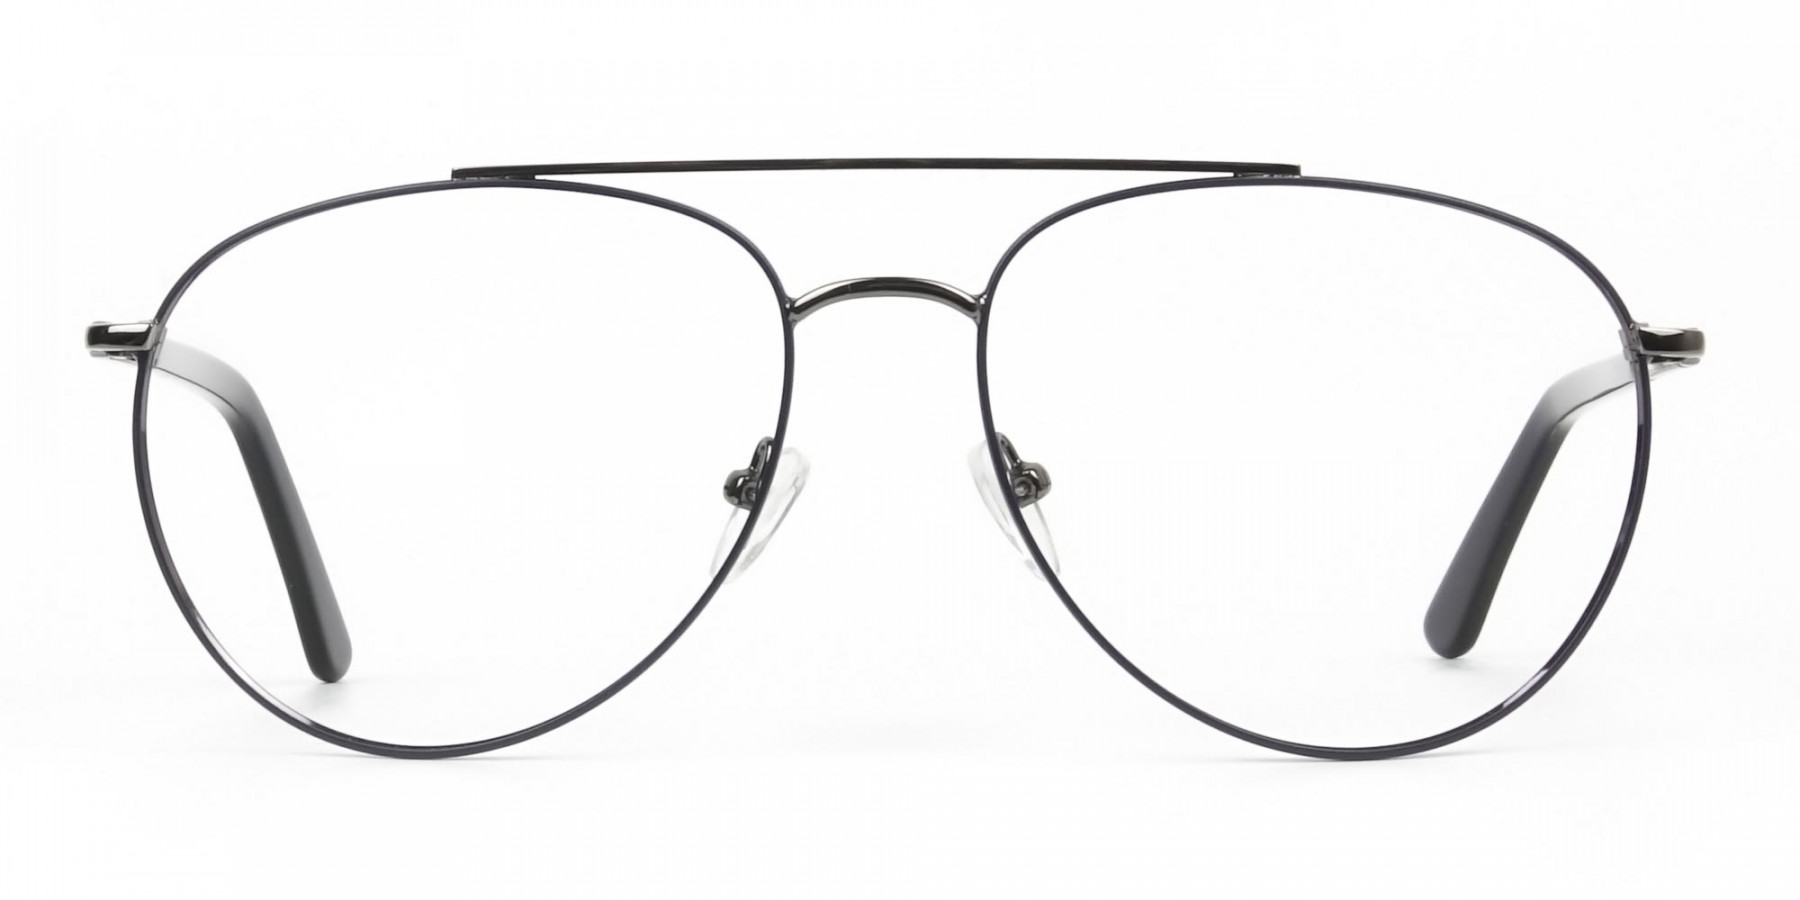 Ultralight Aviator Gunmetal Navy Blue Glasses - 1